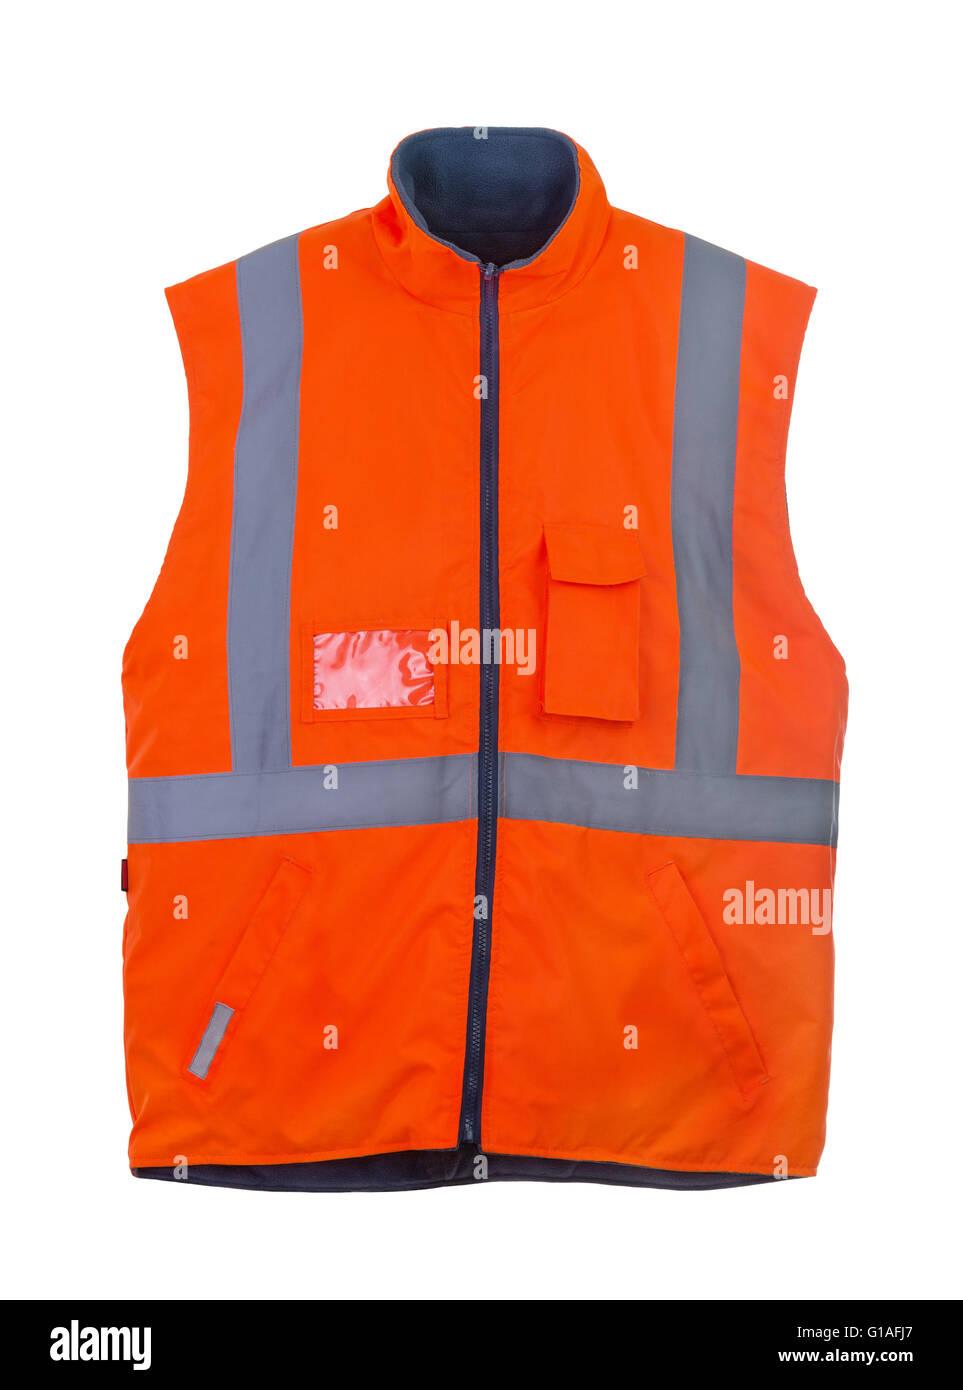 Seguridad chaleco reflectante naranja invierno aislado en blanco Foto de stock